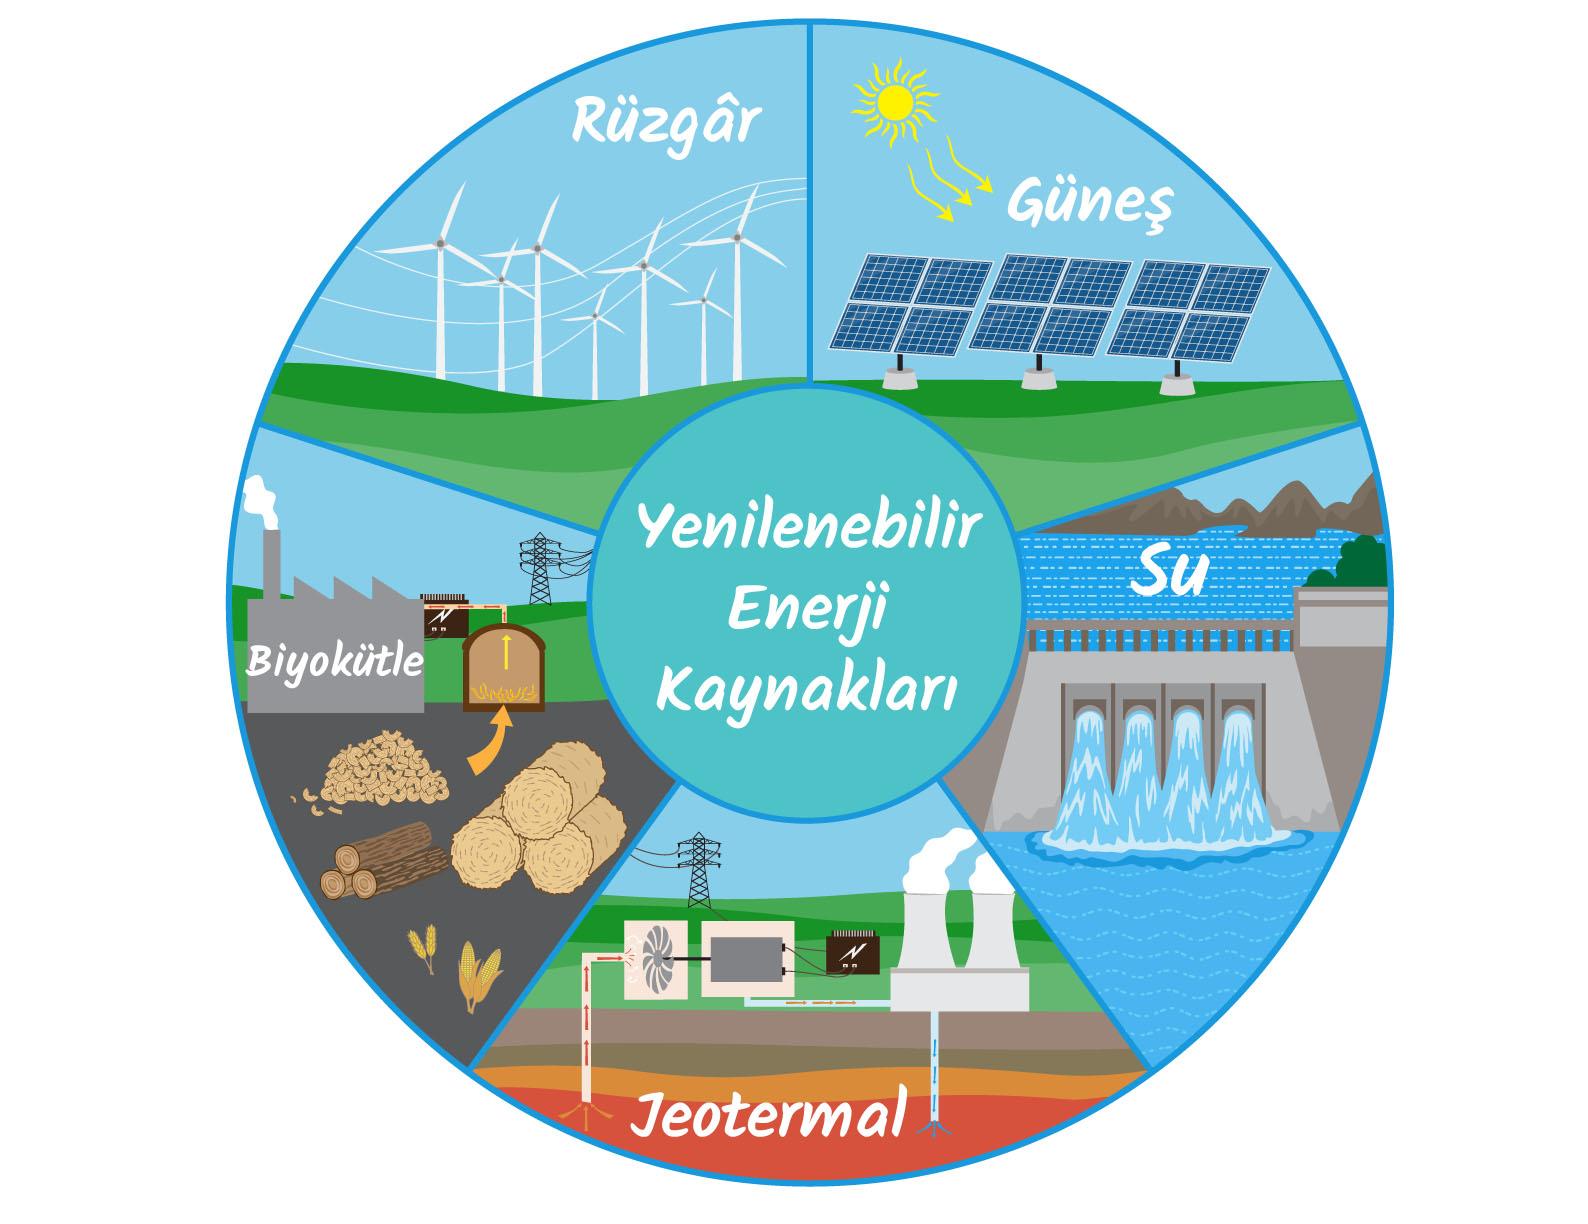 data-cke-saved-src=http://www.bilimgenc.tubitak.gov.tr/sites/default/files/alternatif_enerji_kaynaklari_ve_turkiye_yenilenebilir_enerji_cesitleri.jpg